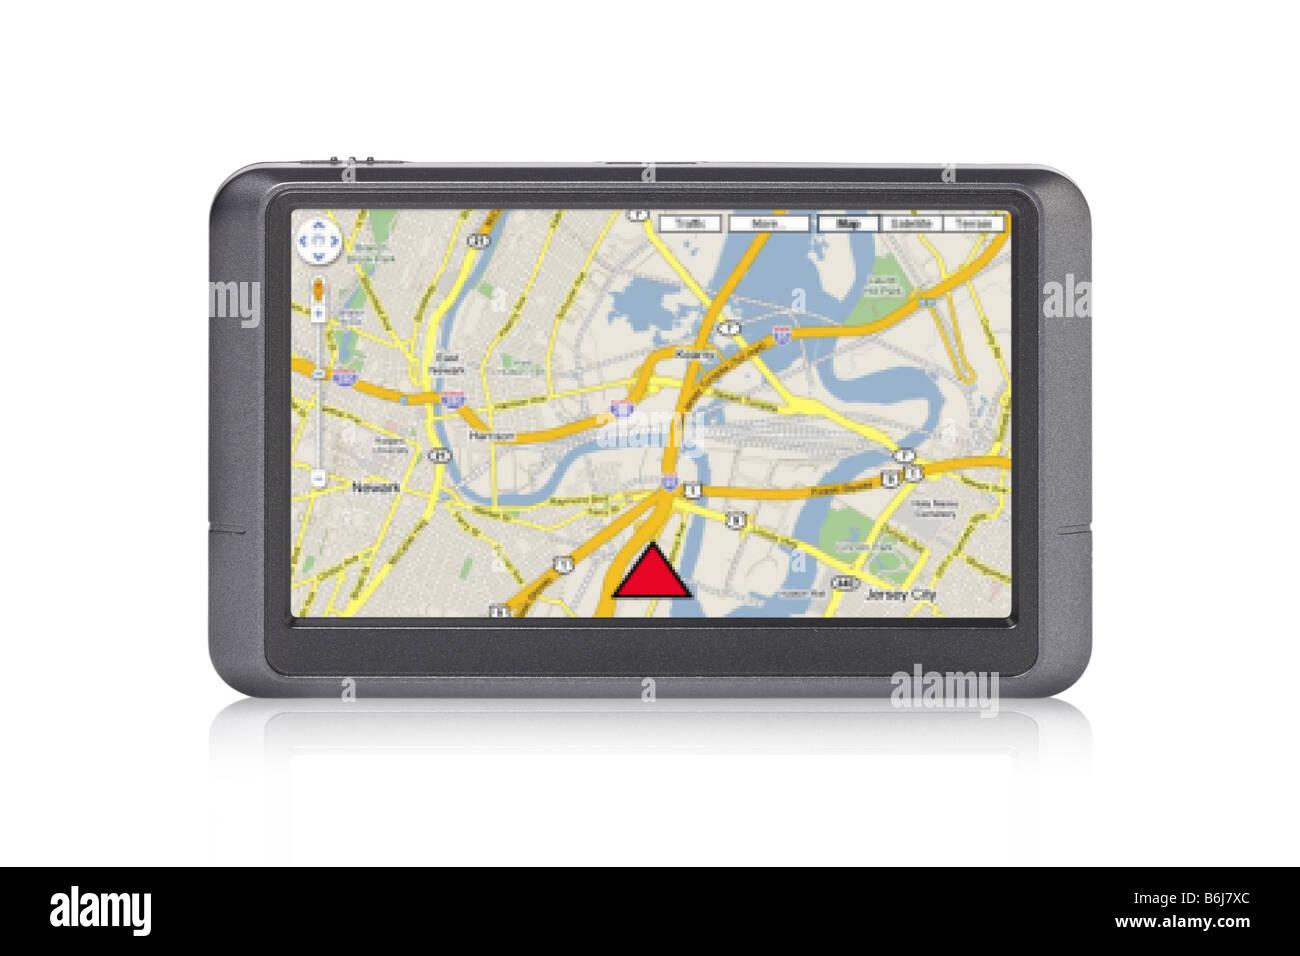 Appareil GPS portable avec une carte à l'écran dentelle sur fond blanc Photo Stock